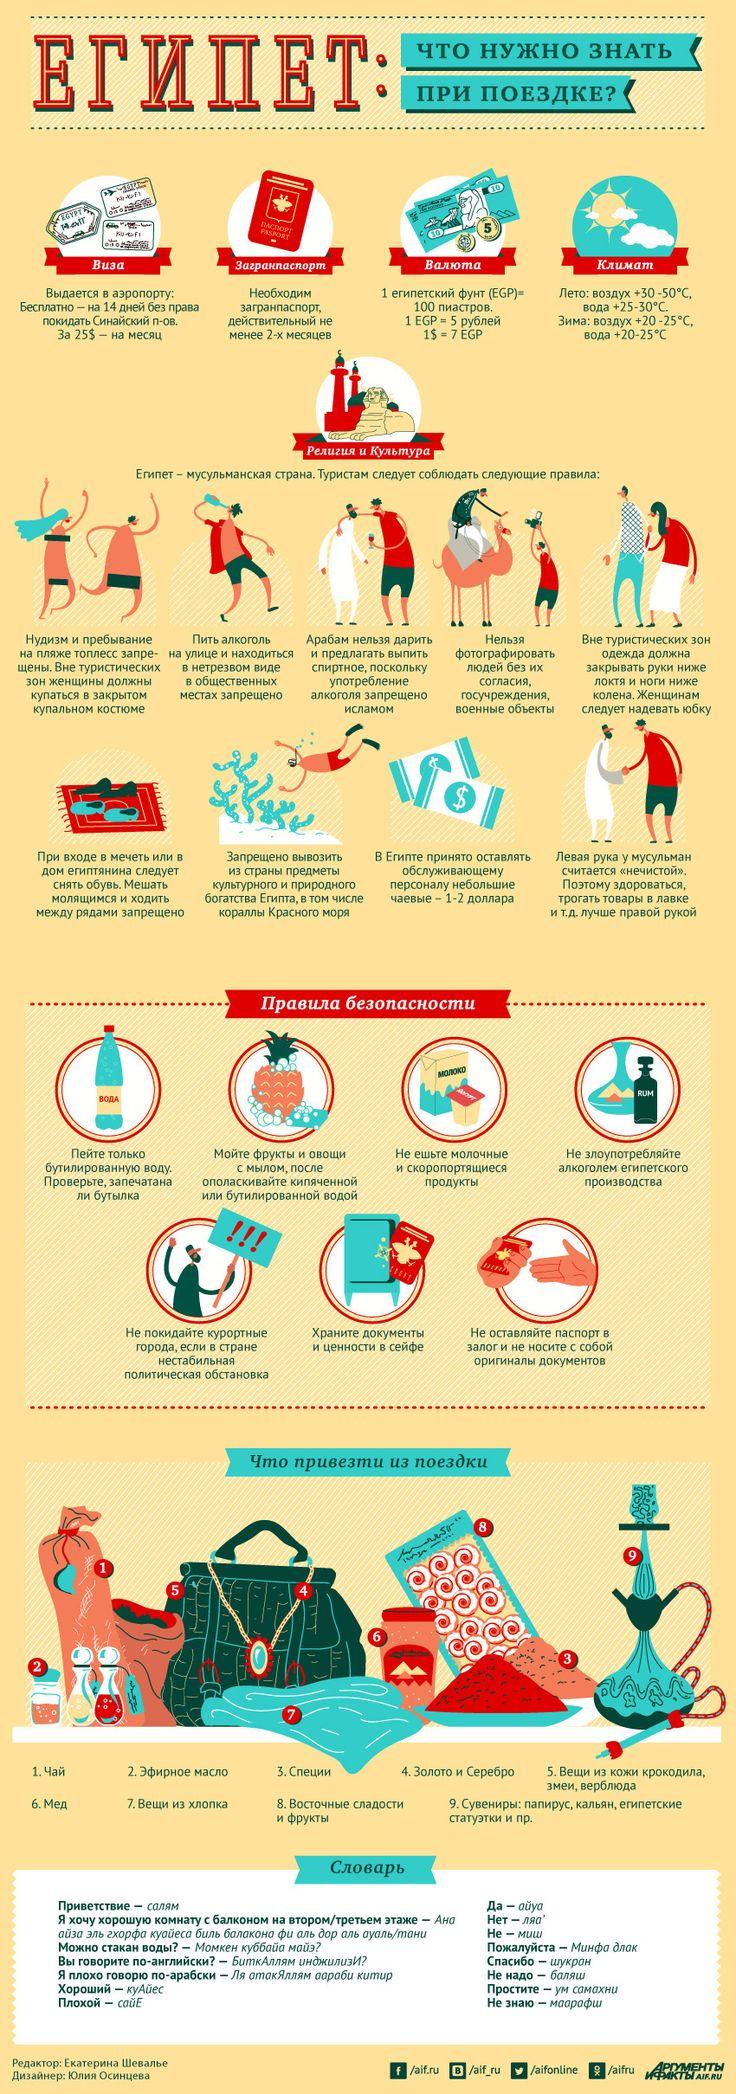 Что нужно знать, отправляясь в Египет? Инфографика | Инфографика | Вопрос-Ответ | Аргументы и Факты